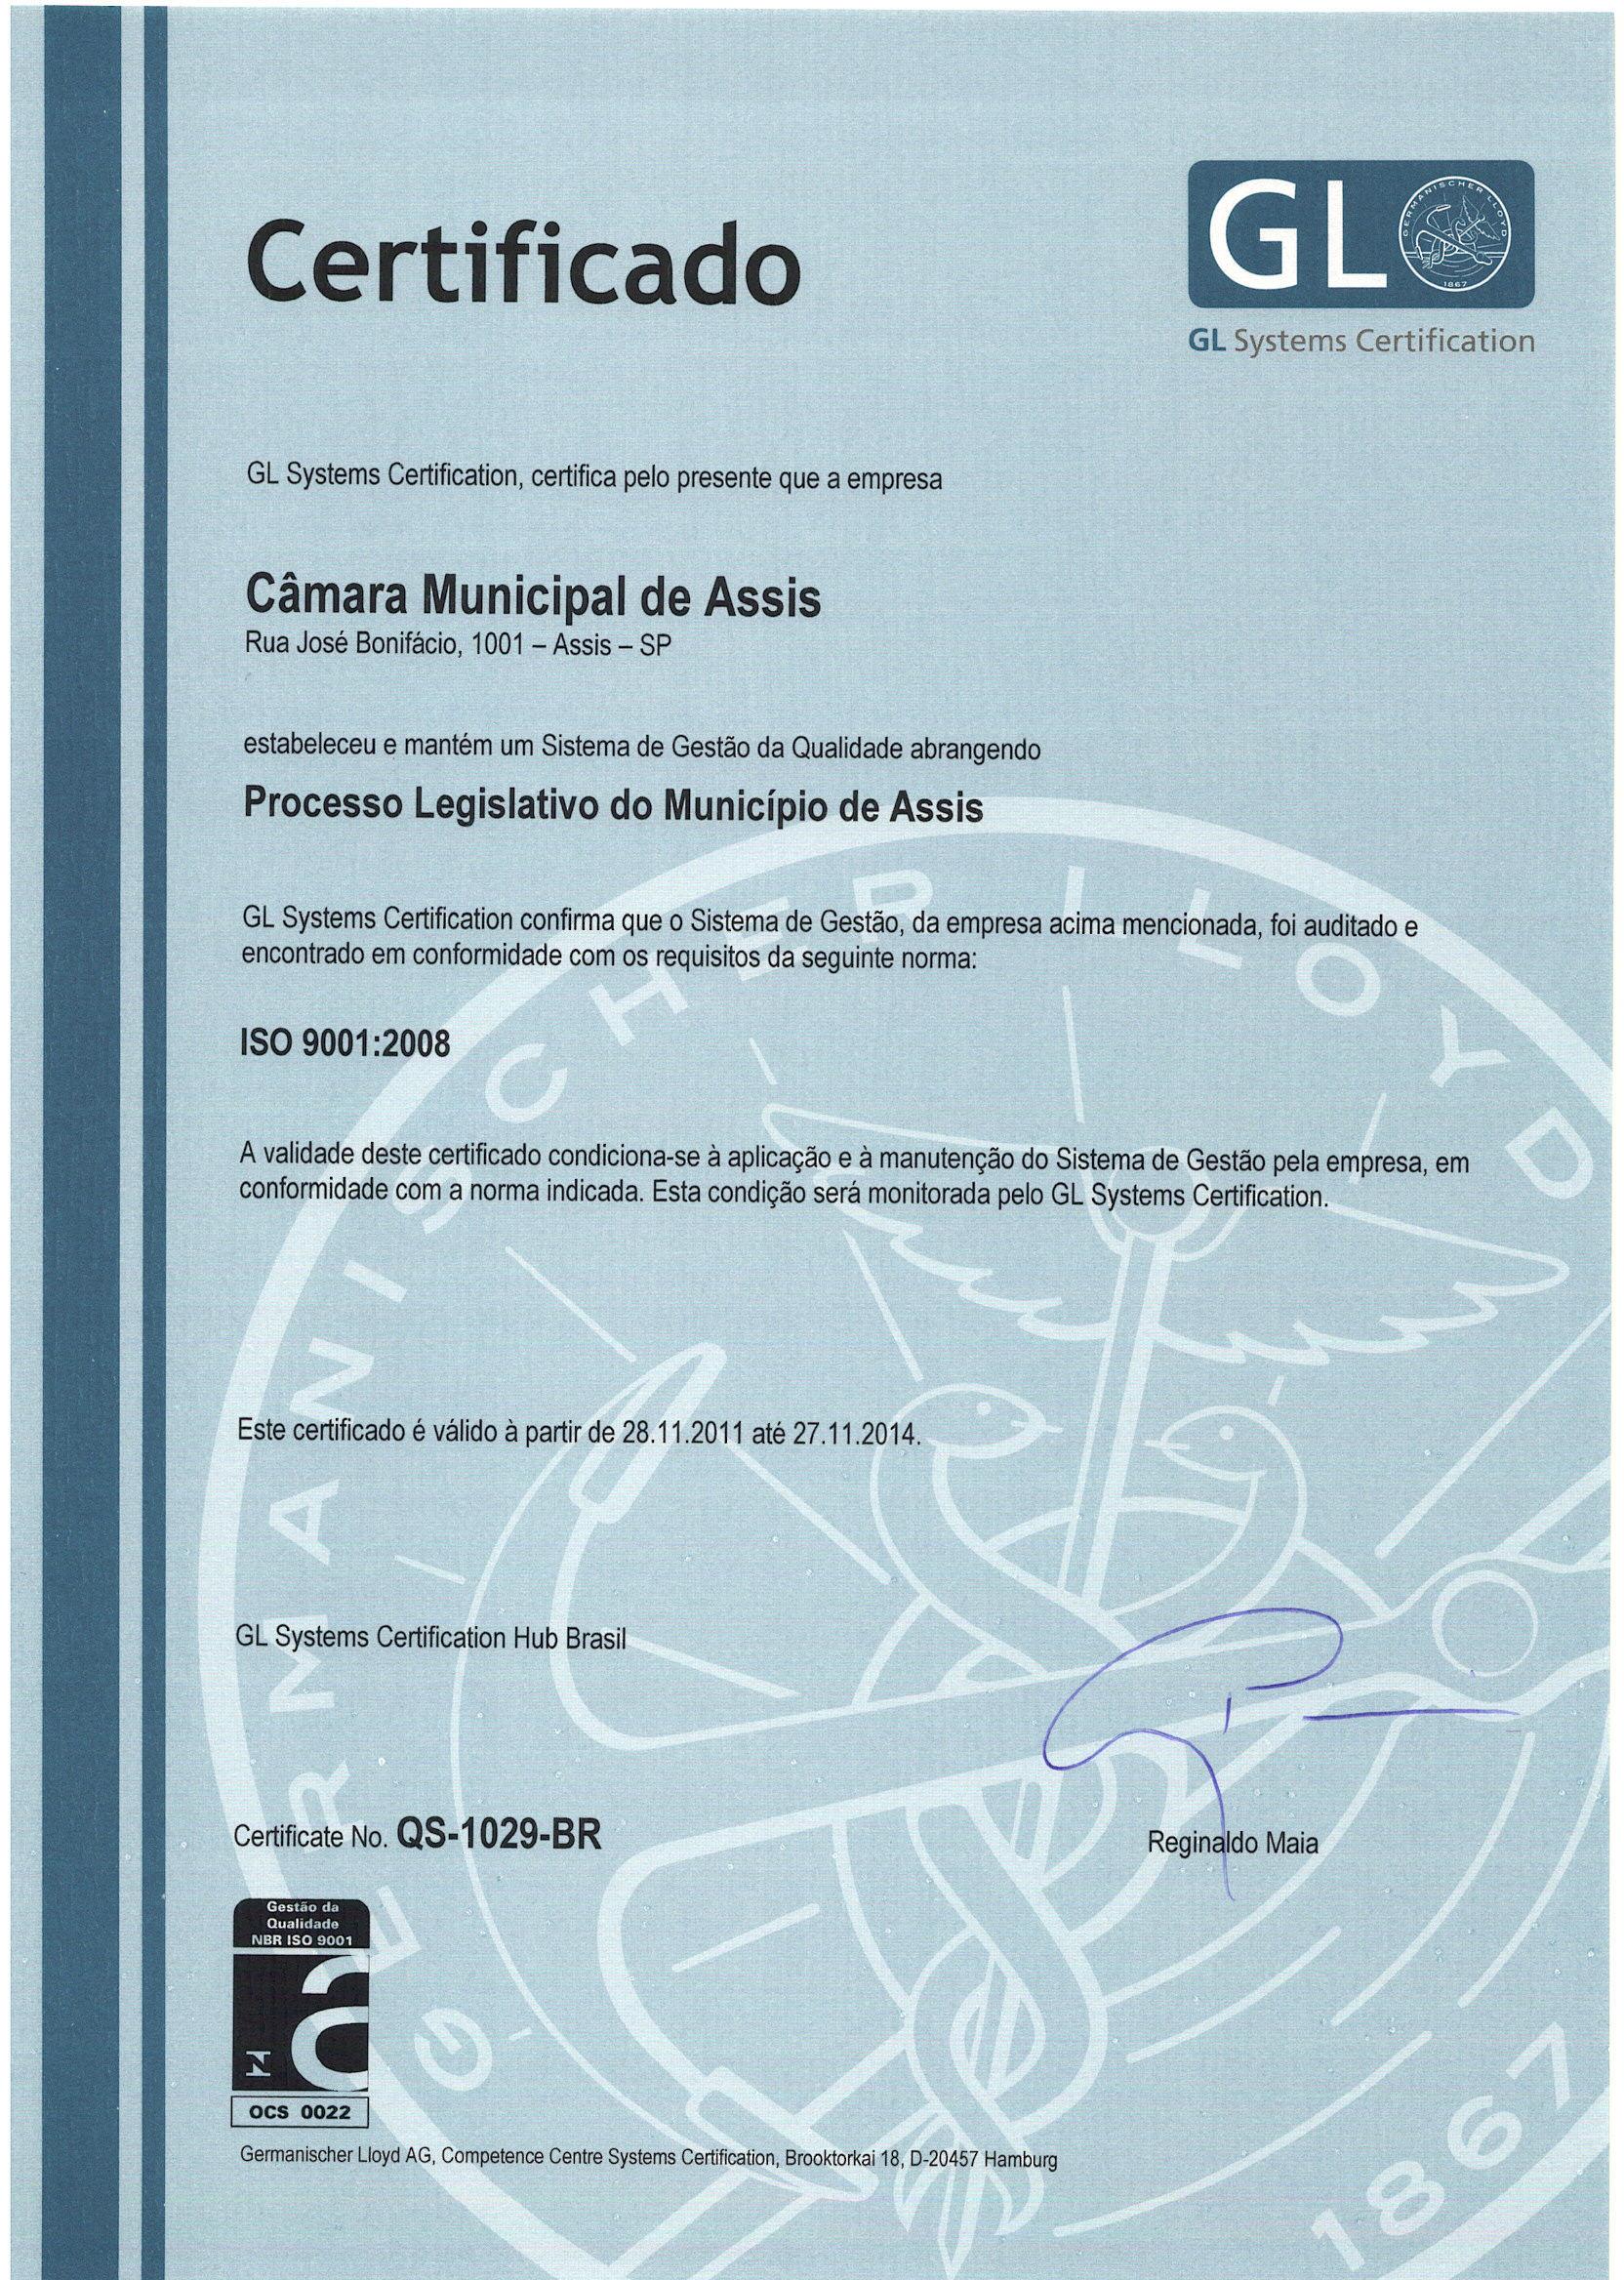 ESPECIAL - Câmara de Assis recebe certificado ISO 9001, com uso de sistema desenvolvido no Interlegis